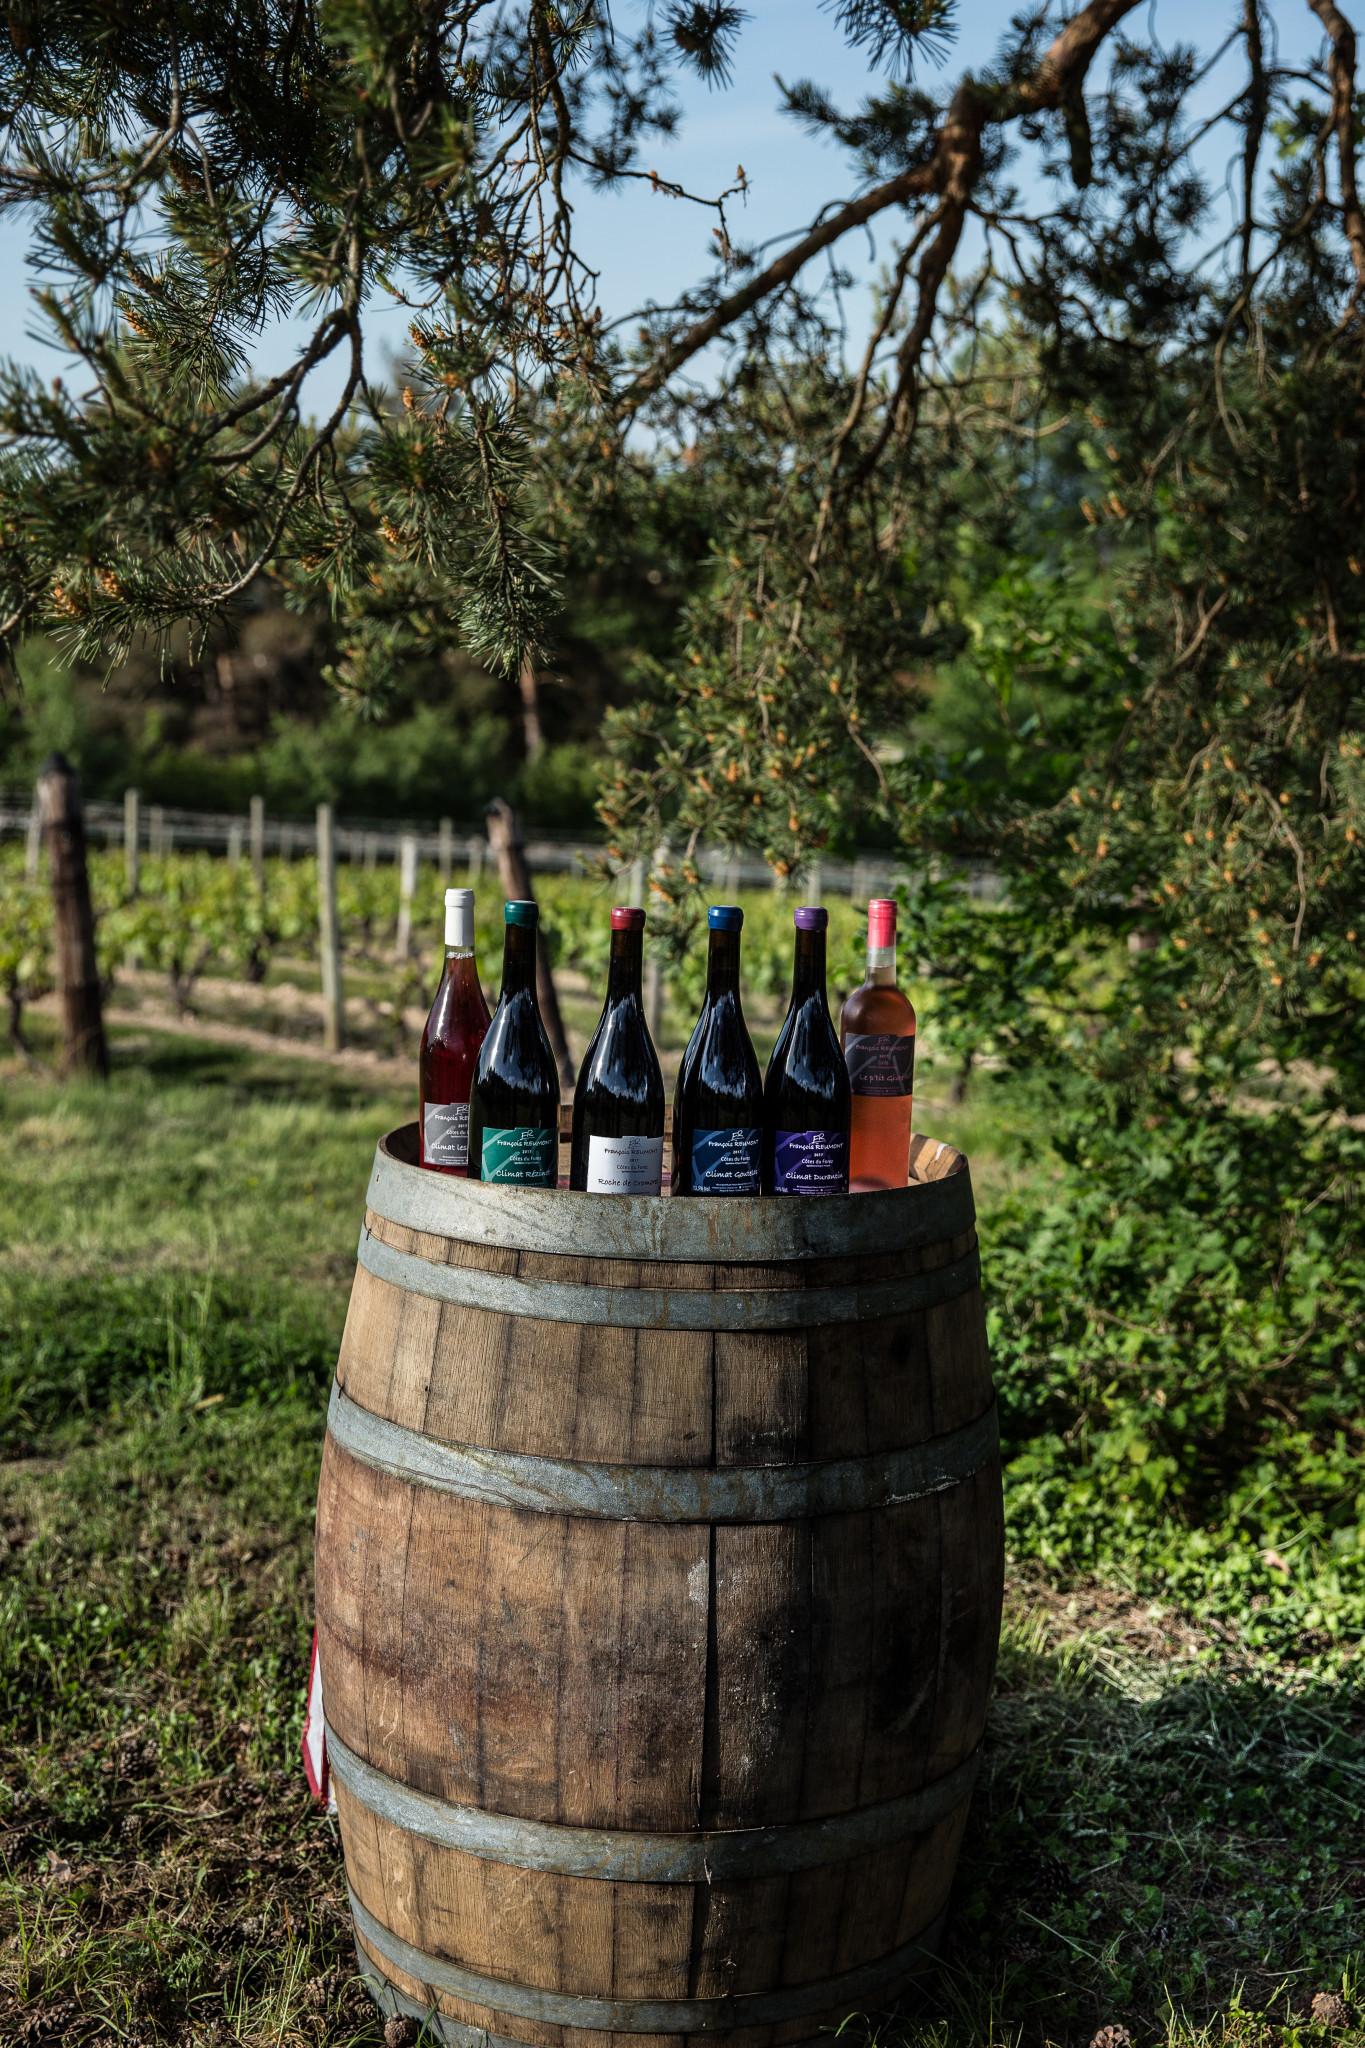 Vin francois reumont (1 sur 1)